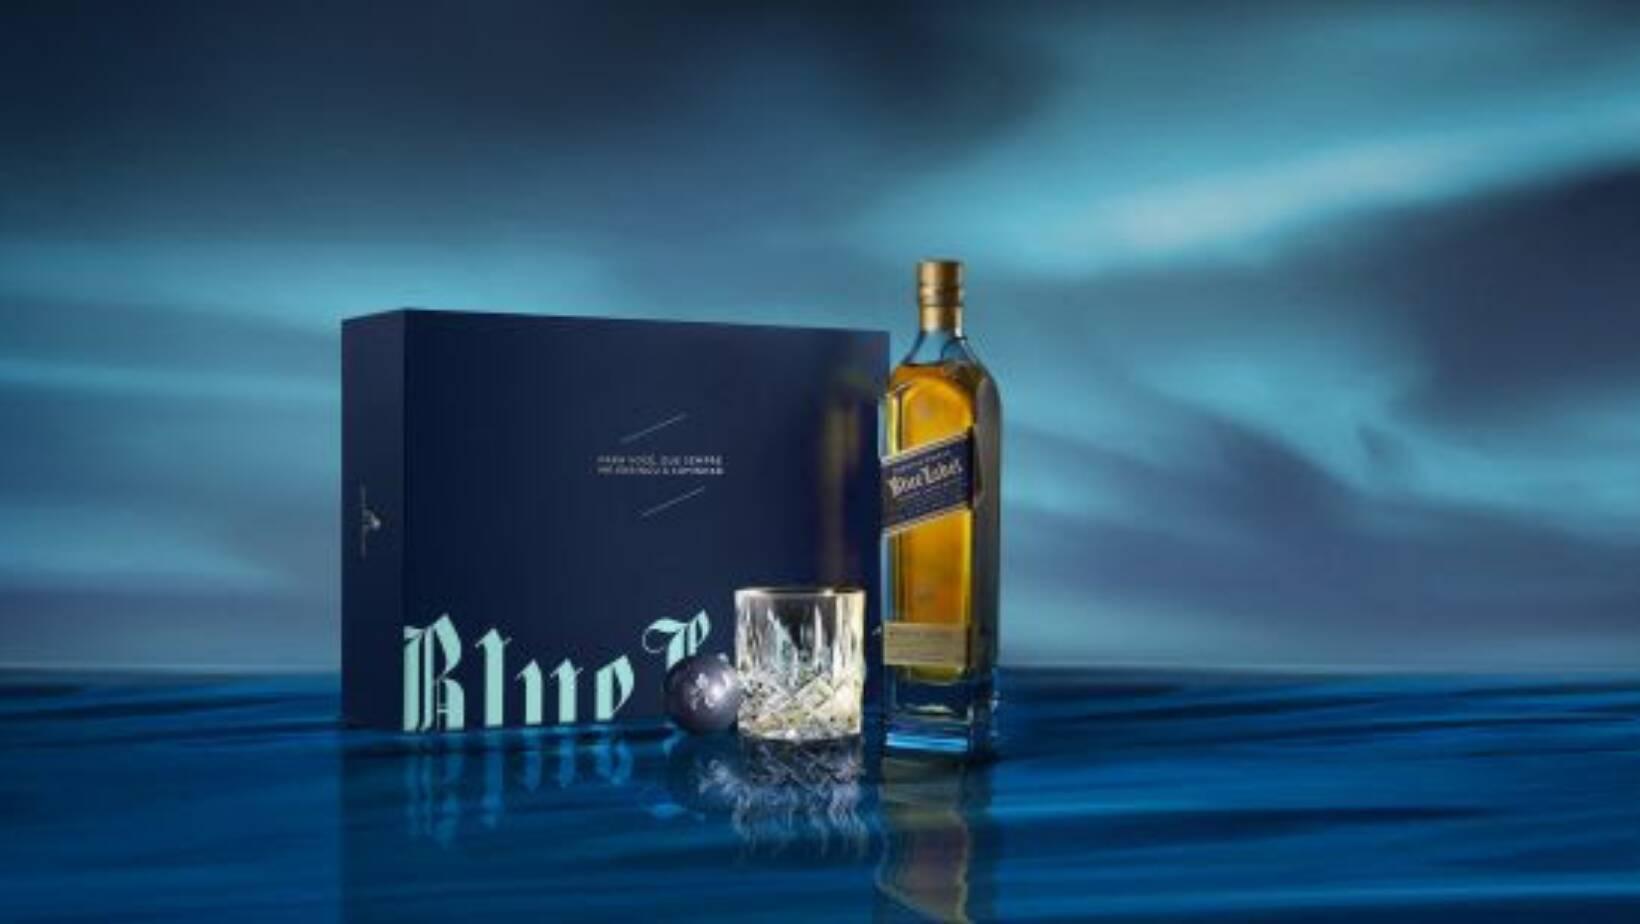 Jhonnie Walker Blue Label edição comemorativa. Acompanha copo de cristal e uma pedra de mármore personalizável (substitui o gelo e contribui para manter a bebida na temperatura ideal). R$ 1.150. Foto: Divulgação